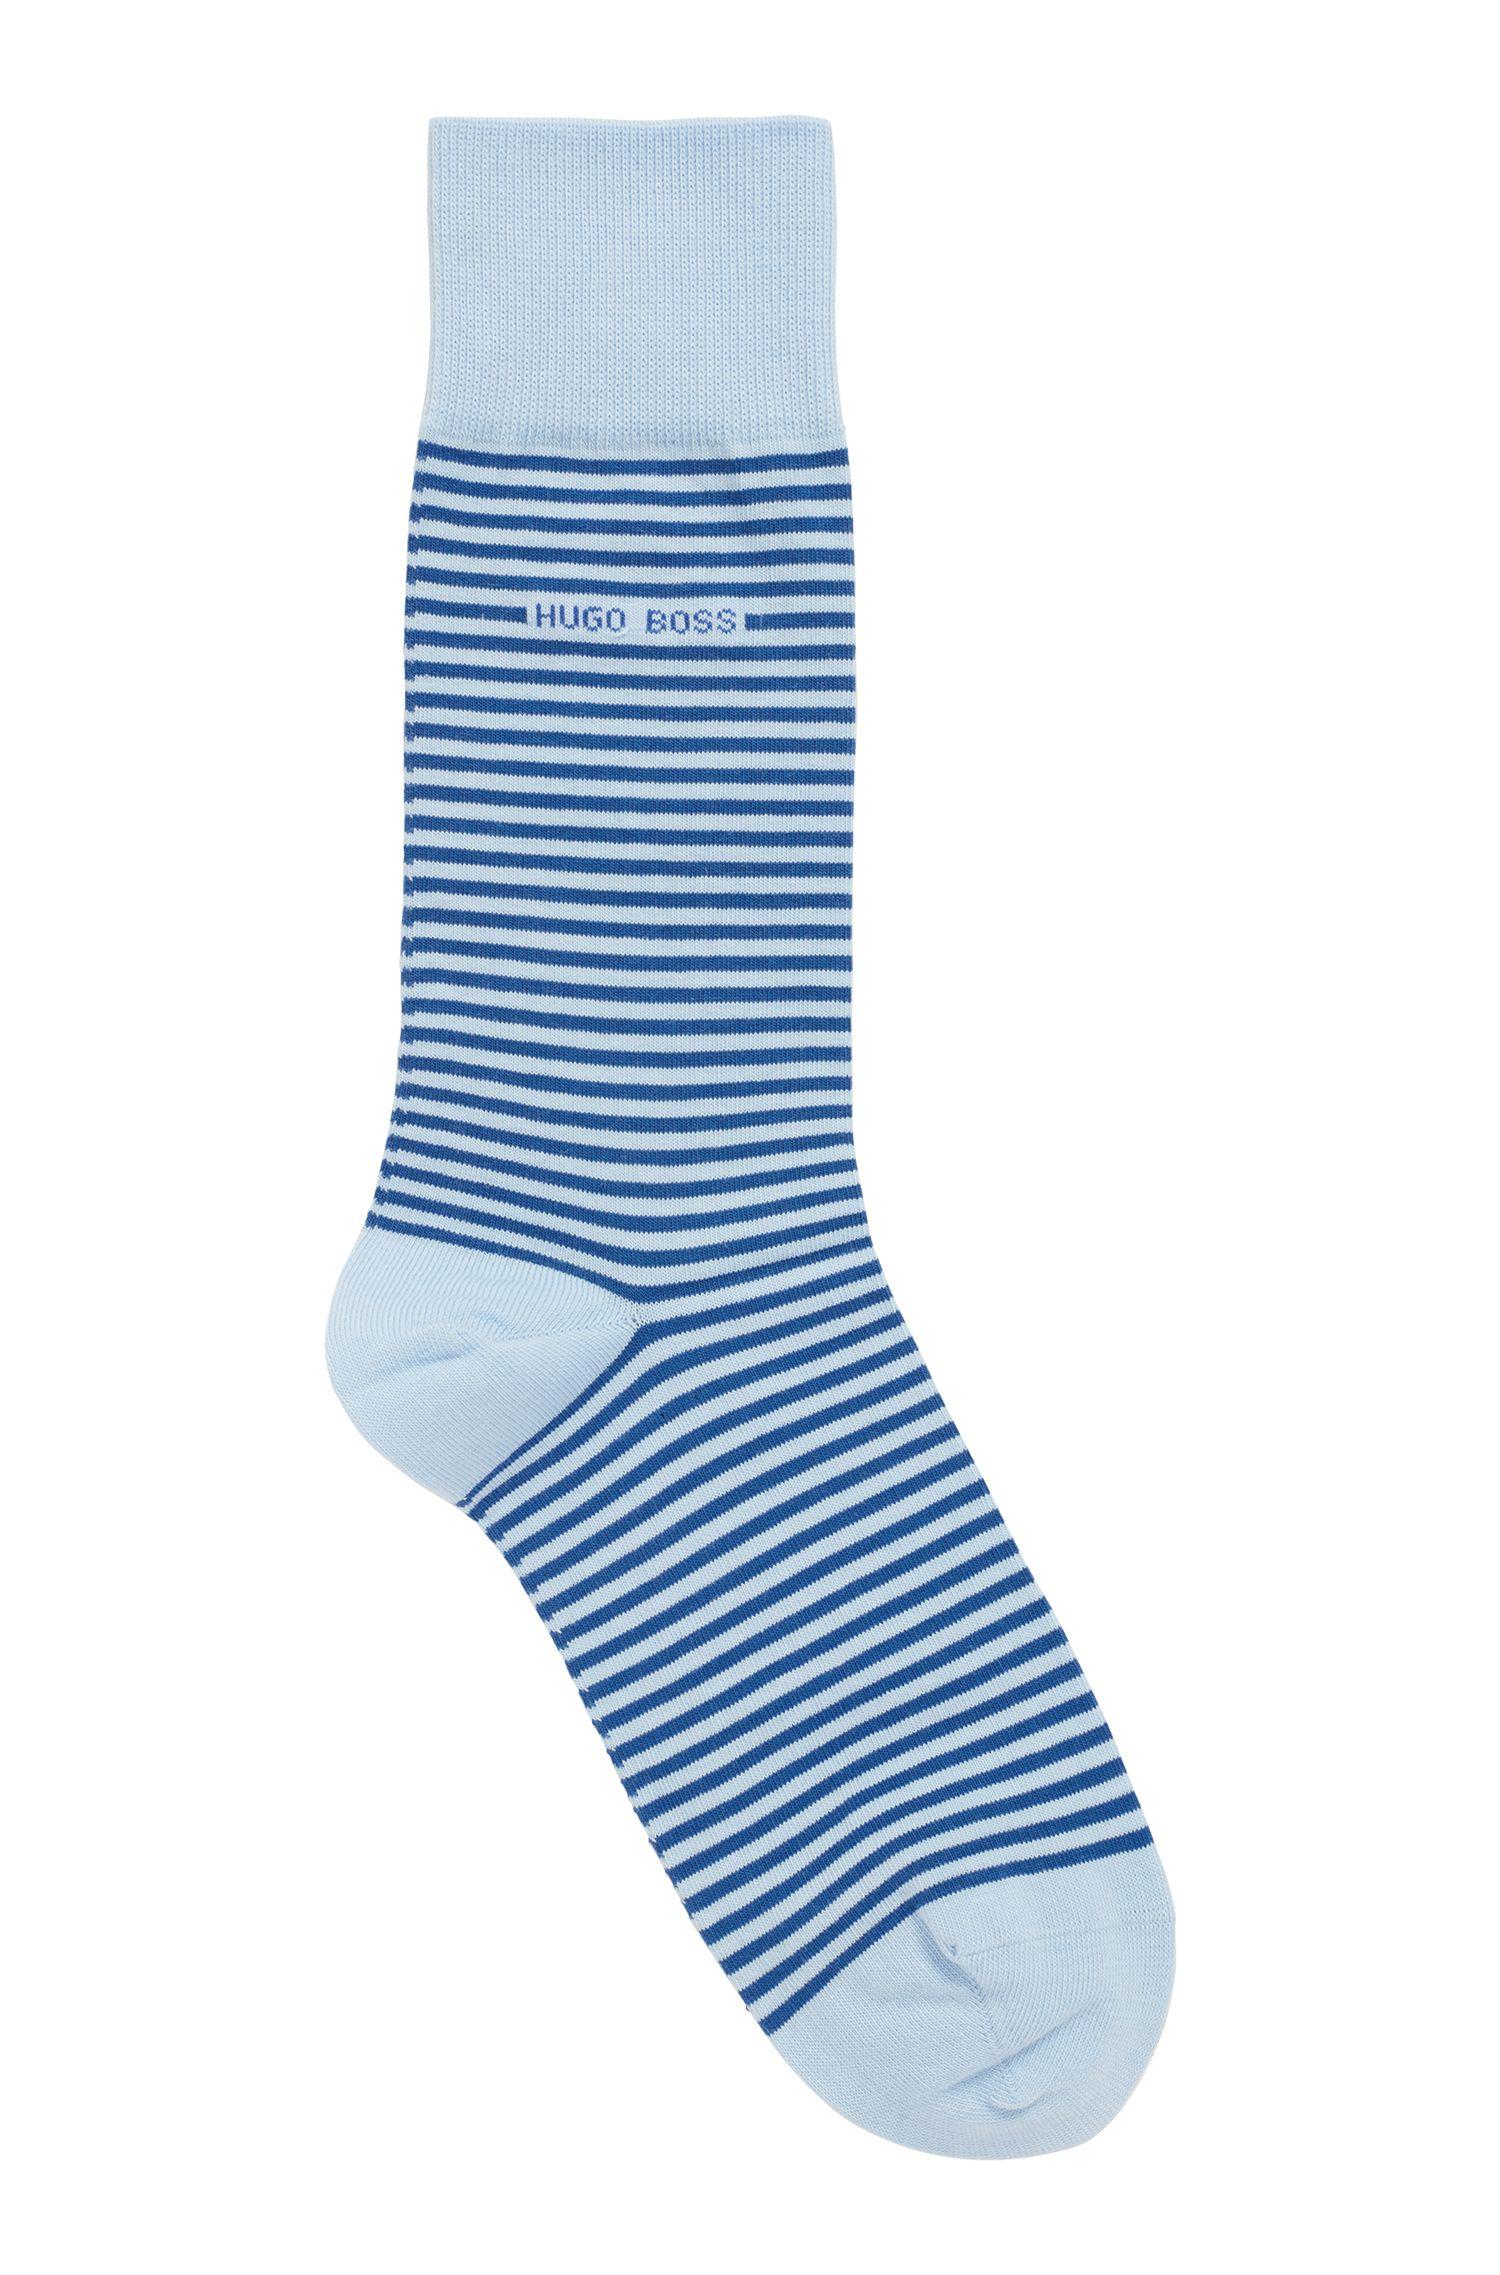 Mittelhohe Socken aus gekämmter Stretch-Baumwolle mit Streifen, Hellblau